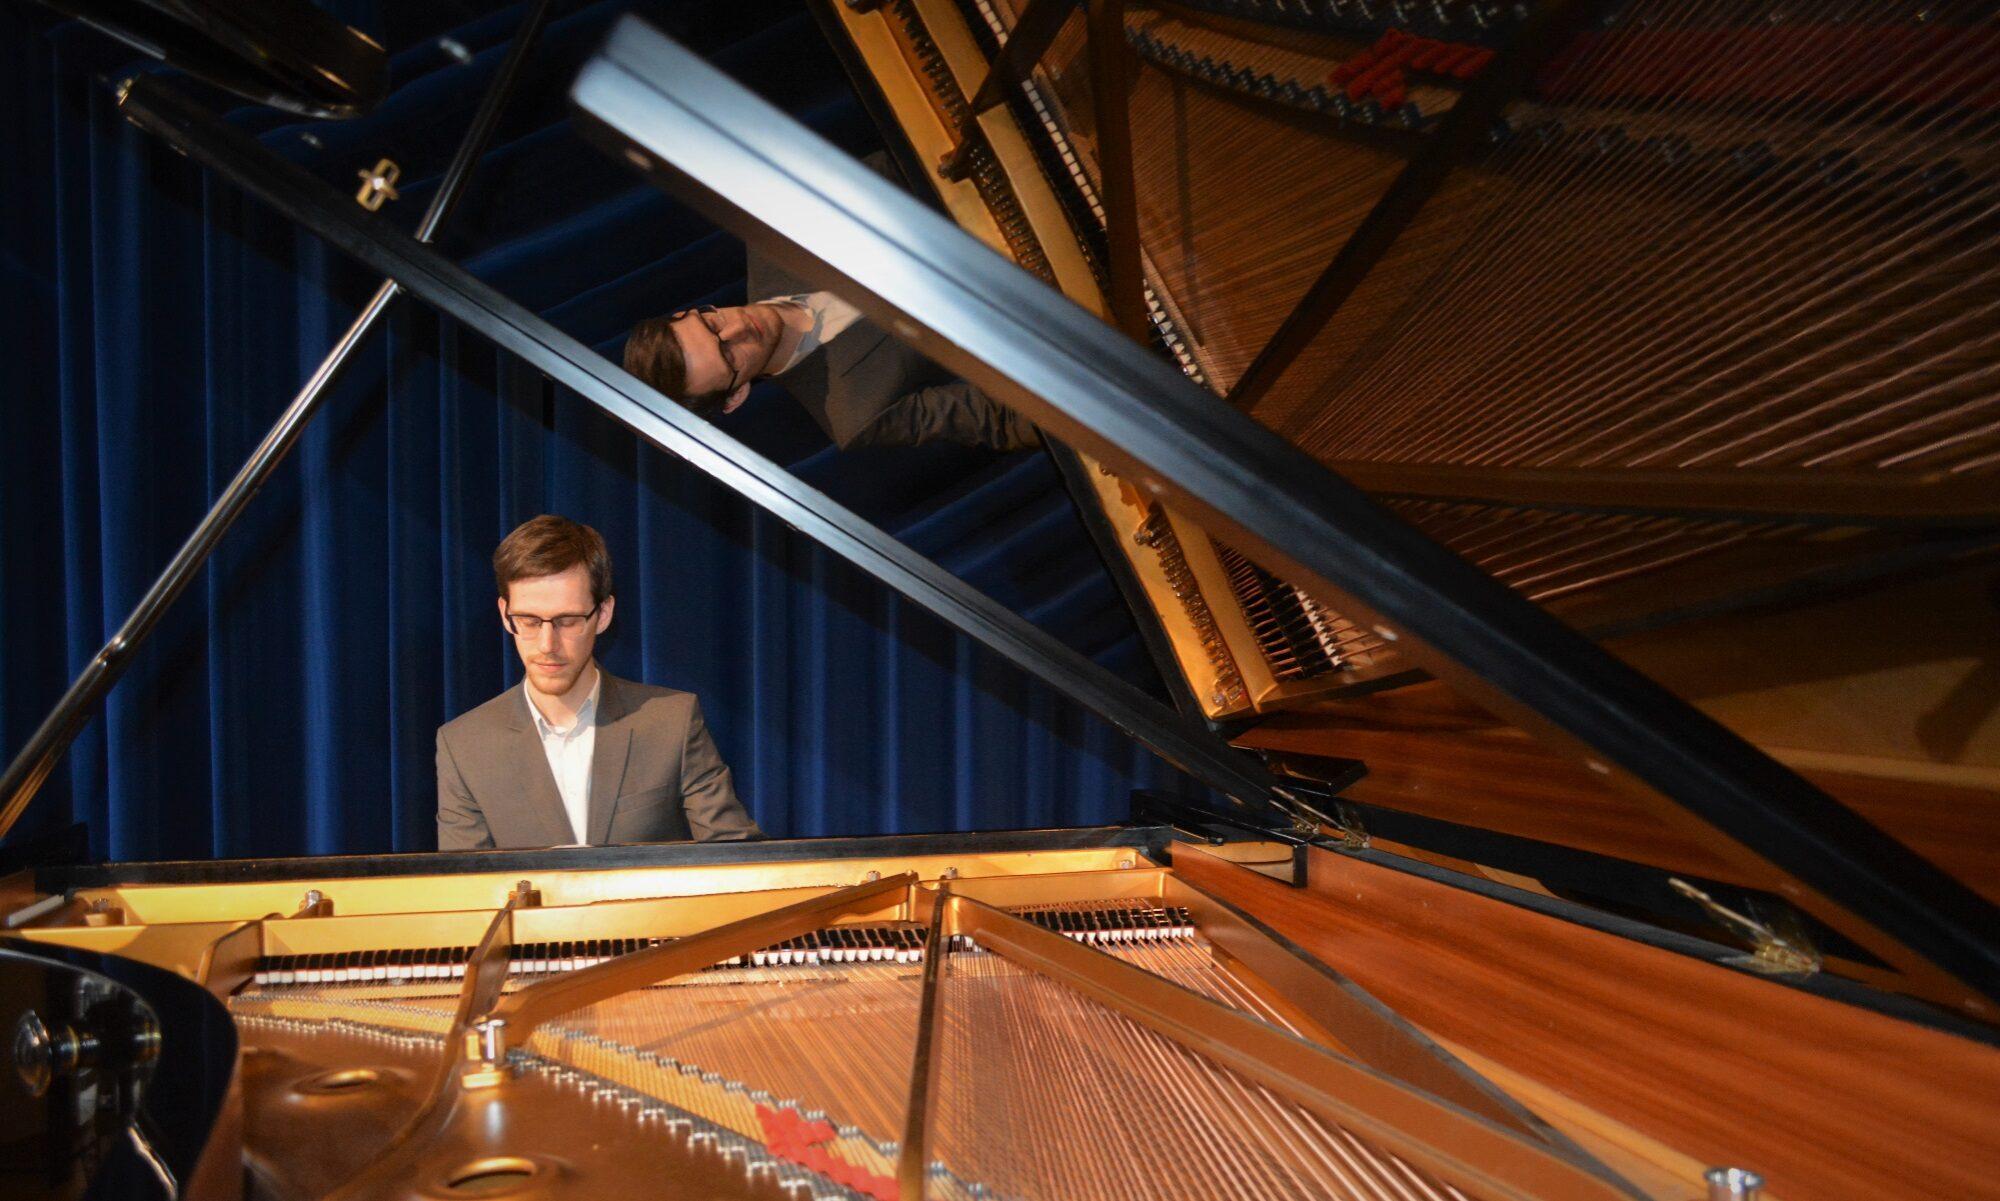 Ruben Tekelenburg, pianist